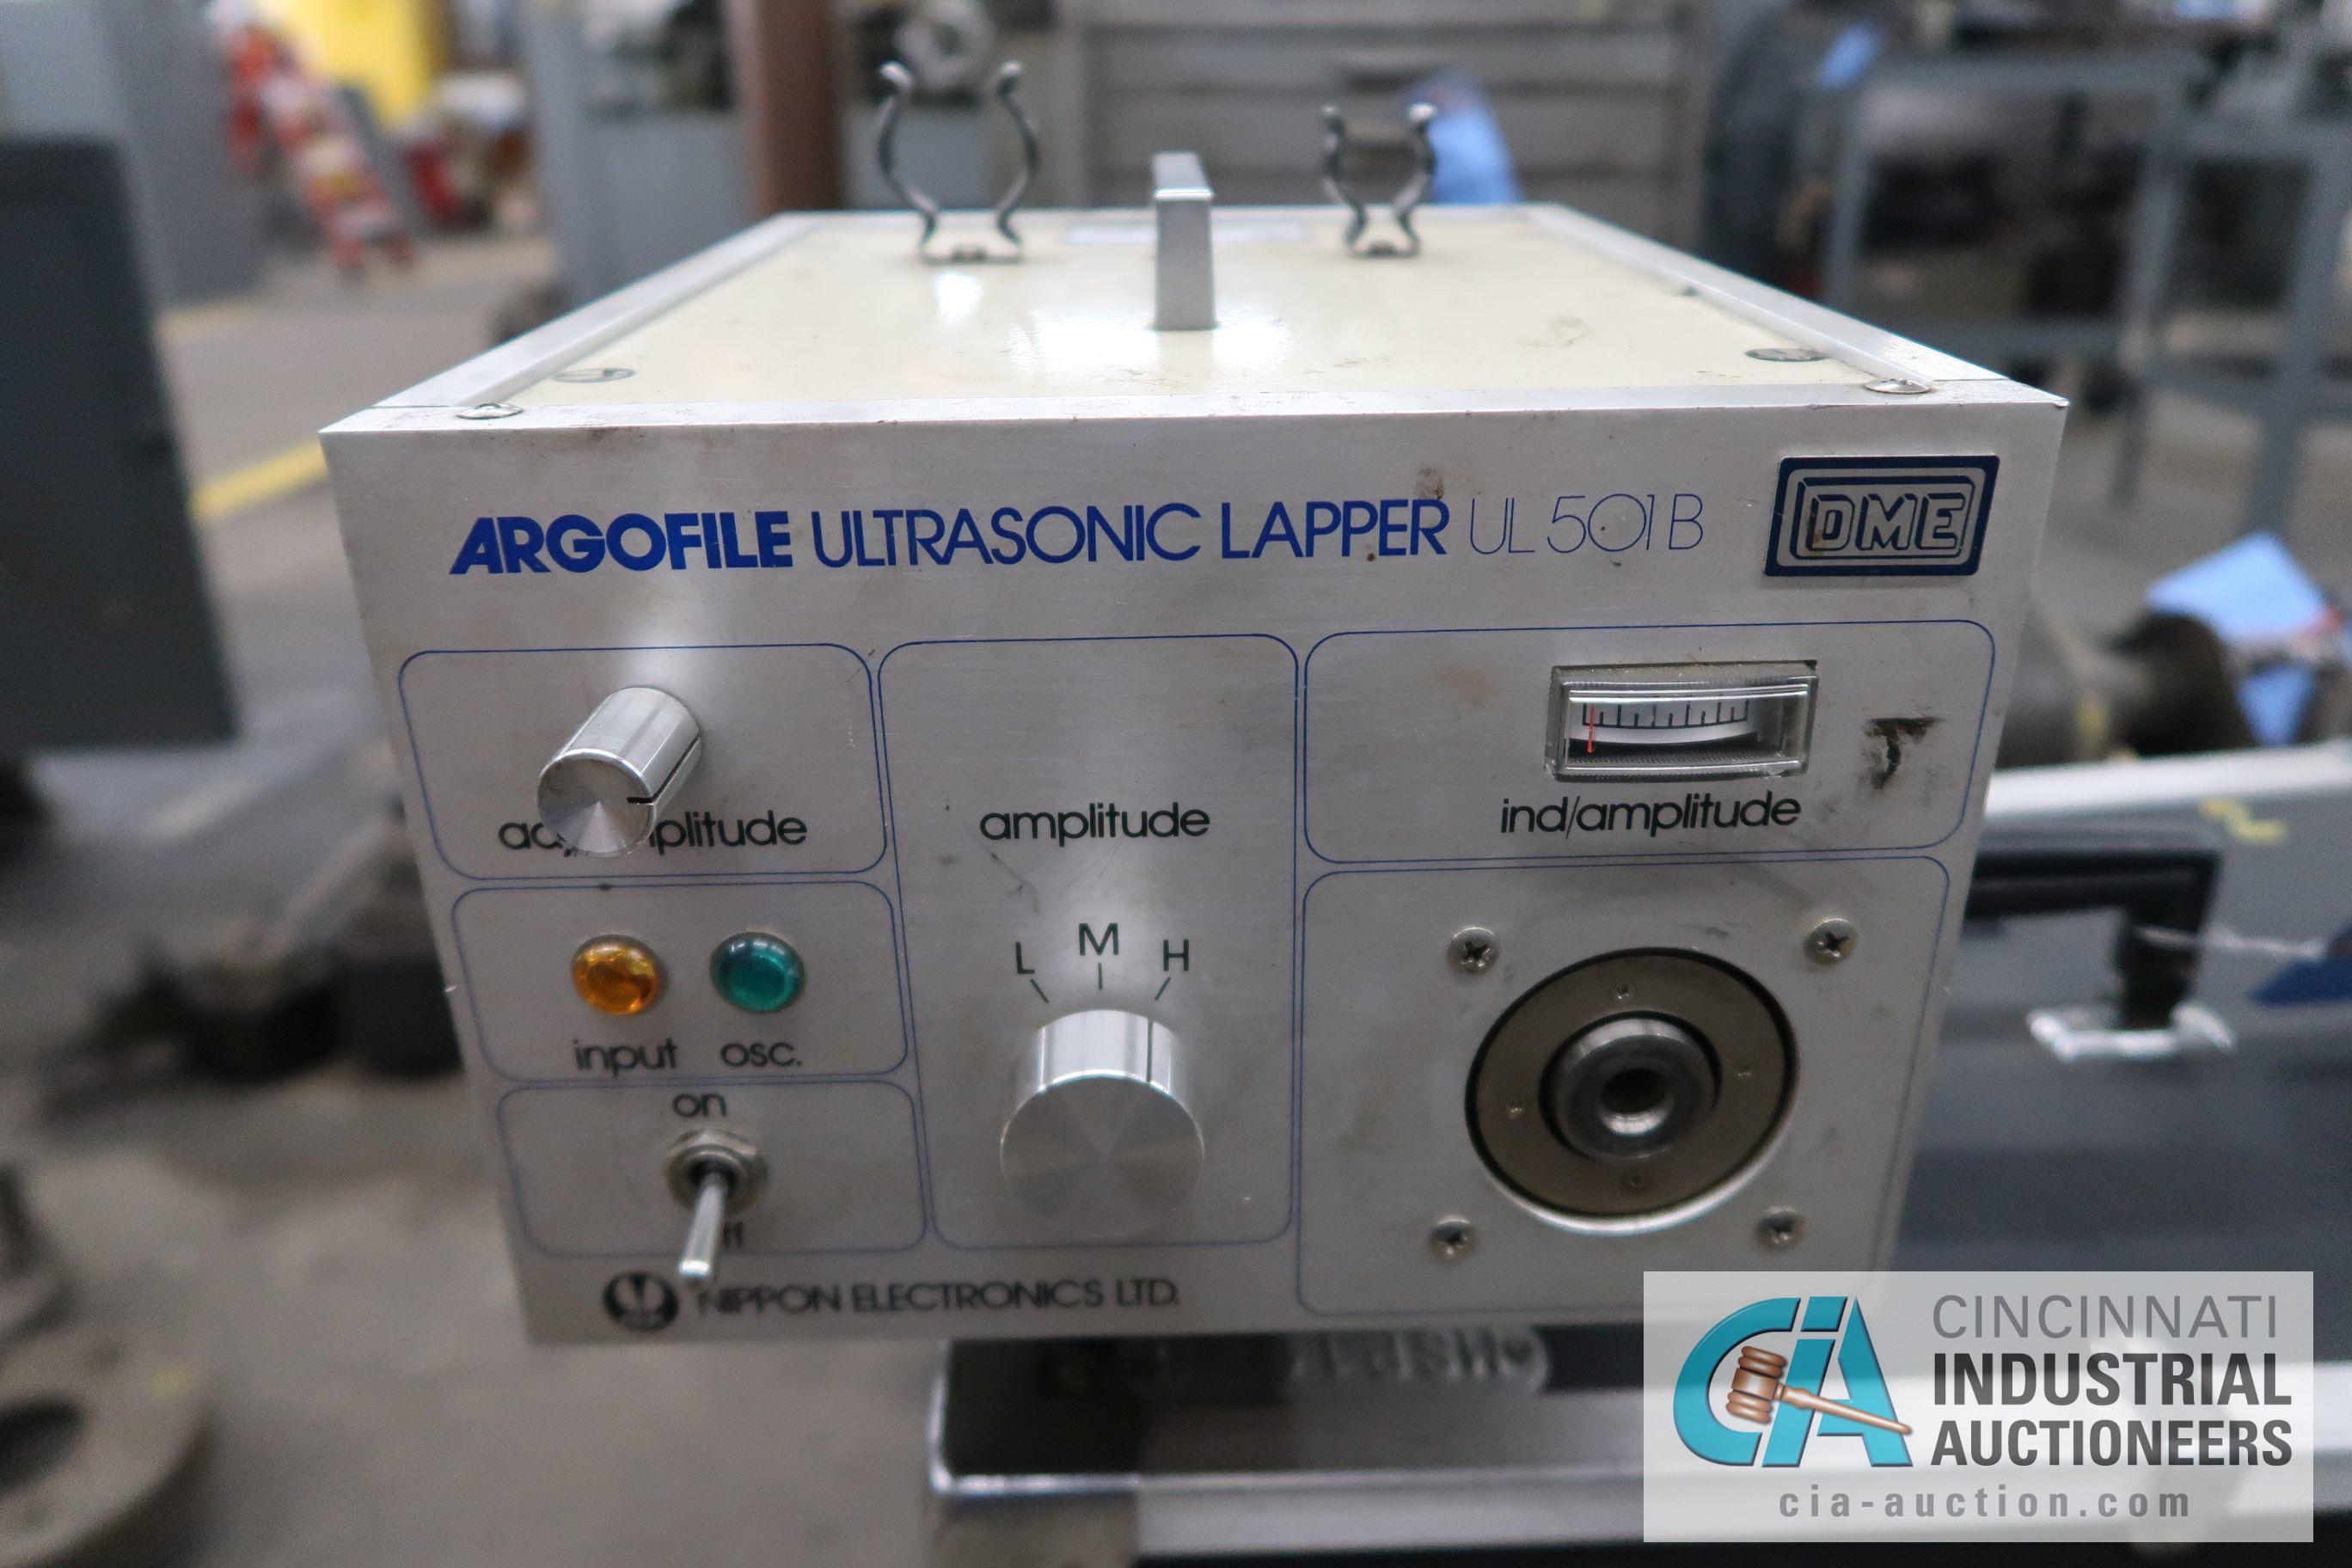 D-M-E MODEL UL-501B ARGOFILE ULTRASONIC LAPPER